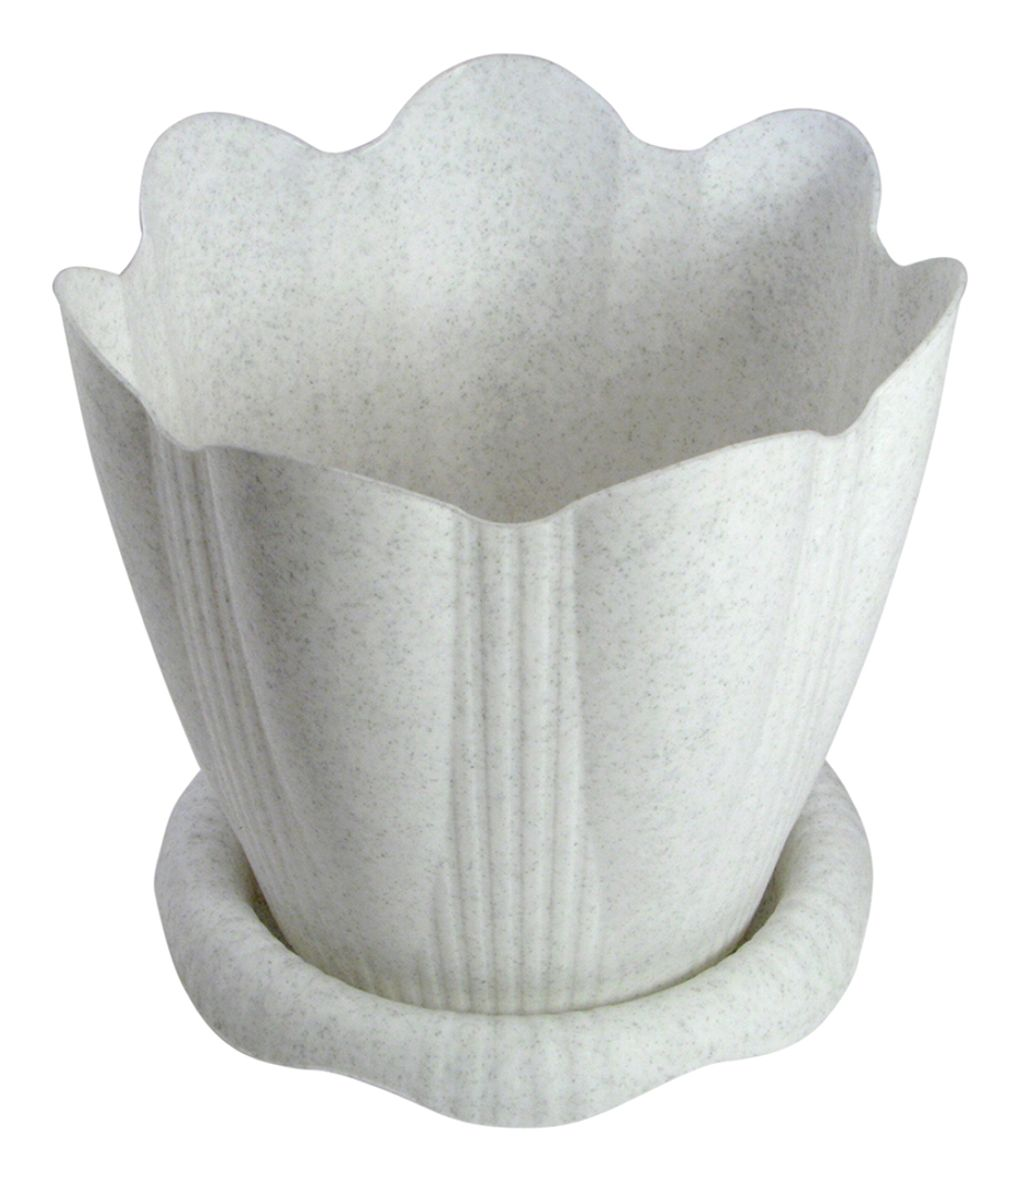 Горшок для цветов Martika Эдельвейс, с поддоном, цвет: мрамор, 5,3 лПИ-20-1ТХЛюбой, даже самый современный и продуманный интерьер будет не завершённым без растений. Они не только очищают воздух и насыщают его кислородом, но и заметно украшают окружающее пространство. Такому полезному &laquo члену семьи&raquoпросто необходимо красивое и функциональное кашпо, оригинальный горшок или необычная ваза! Мы предлагаем - Горшок Эдельвейс с поддоном 5,3 л d=24 см, цвет мрамор!Оптимальный выбор материала &mdash &nbsp пластмасса! Почему мы так считаем? Малый вес. С лёгкостью переносите горшки и кашпо с места на место, ставьте их на столики или полки, подвешивайте под потолок, не беспокоясь о нагрузке. Простота ухода. Пластиковые изделия не нуждаются в специальных условиях хранения. Их&nbsp легко чистить &mdashдостаточно просто сполоснуть тёплой водой. Никаких царапин. Пластиковые кашпо не царапают и не загрязняют поверхности, на которых стоят. Пластик дольше хранит влагу, а значит &mdashрастение реже нуждается в поливе. Пластмасса не пропускает воздух &mdashкорневой системе растения не грозят резкие перепады температур. Огромный выбор форм, декора и расцветок &mdashвы без труда подберёте что-то, что идеально впишется в уже существующий интерьер.Соблюдая нехитрые правила ухода, вы можете заметно продлить срок службы горшков, вазонов и кашпо из пластика: всегда учитывайте размер кроны и корневой системы растения (при разрастании большое растение способно повредить маленький горшок)берегите изделие от воздействия прямых солнечных лучей, чтобы кашпо и горшки не выцветалидержите кашпо и горшки из пластика подальше от нагревающихся поверхностей.Создавайте прекрасные цветочные композиции, выращивайте рассаду или необычные растения, а низкие цены позволят вам не ограничивать себя в выборе.